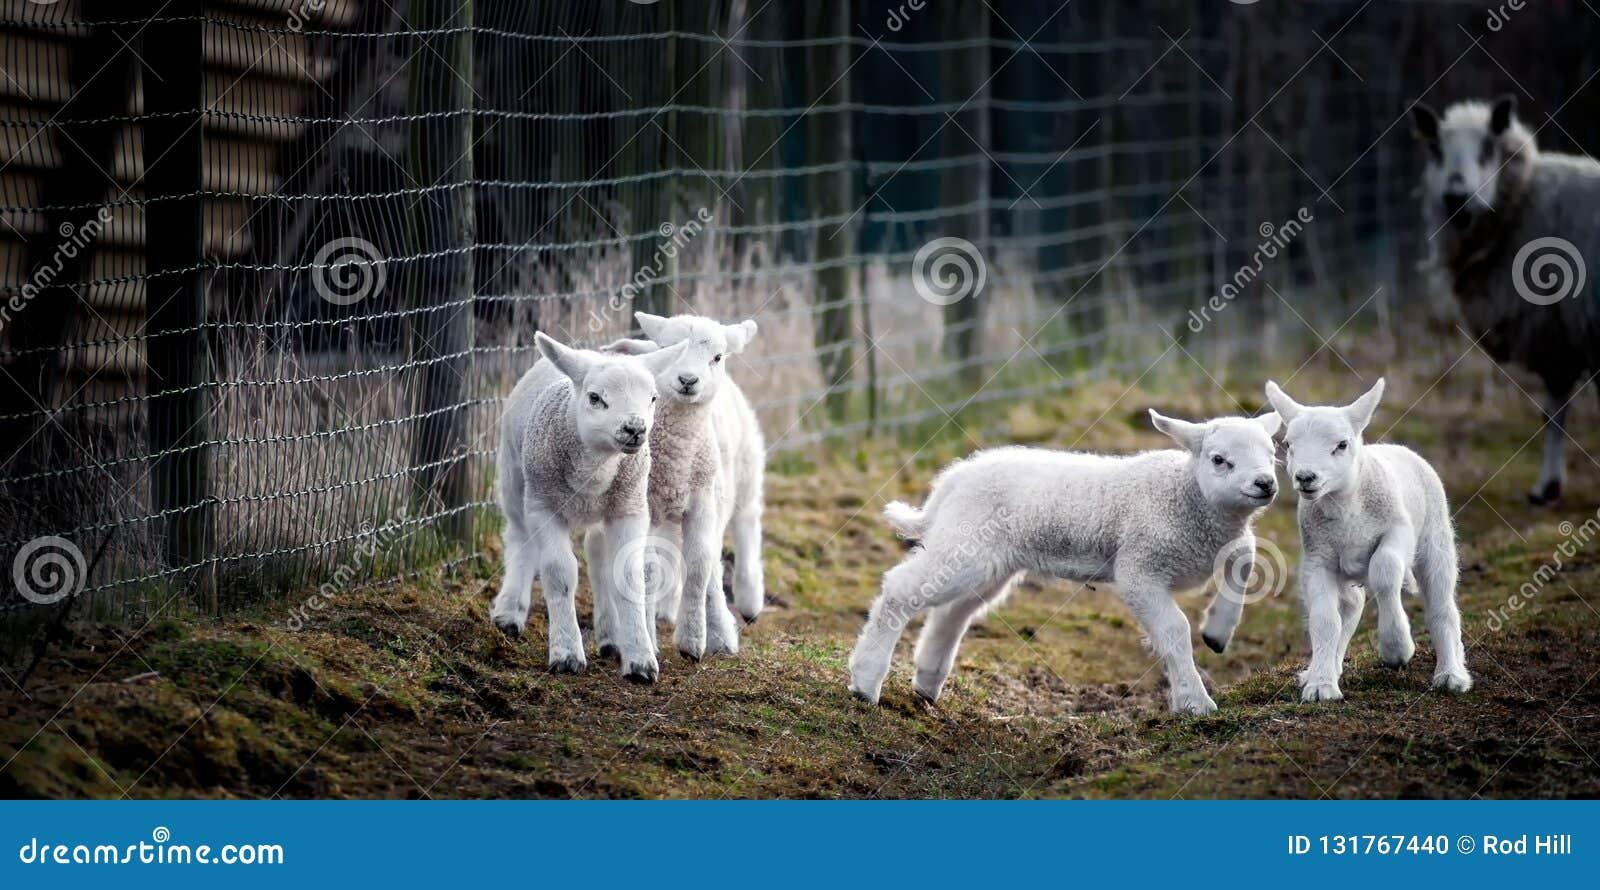 Fotografato sul venerdì 29 marzo 2013 Alcuni agnelli da latte che godono della vita e che giocano fuori nel campo, mentre uno del